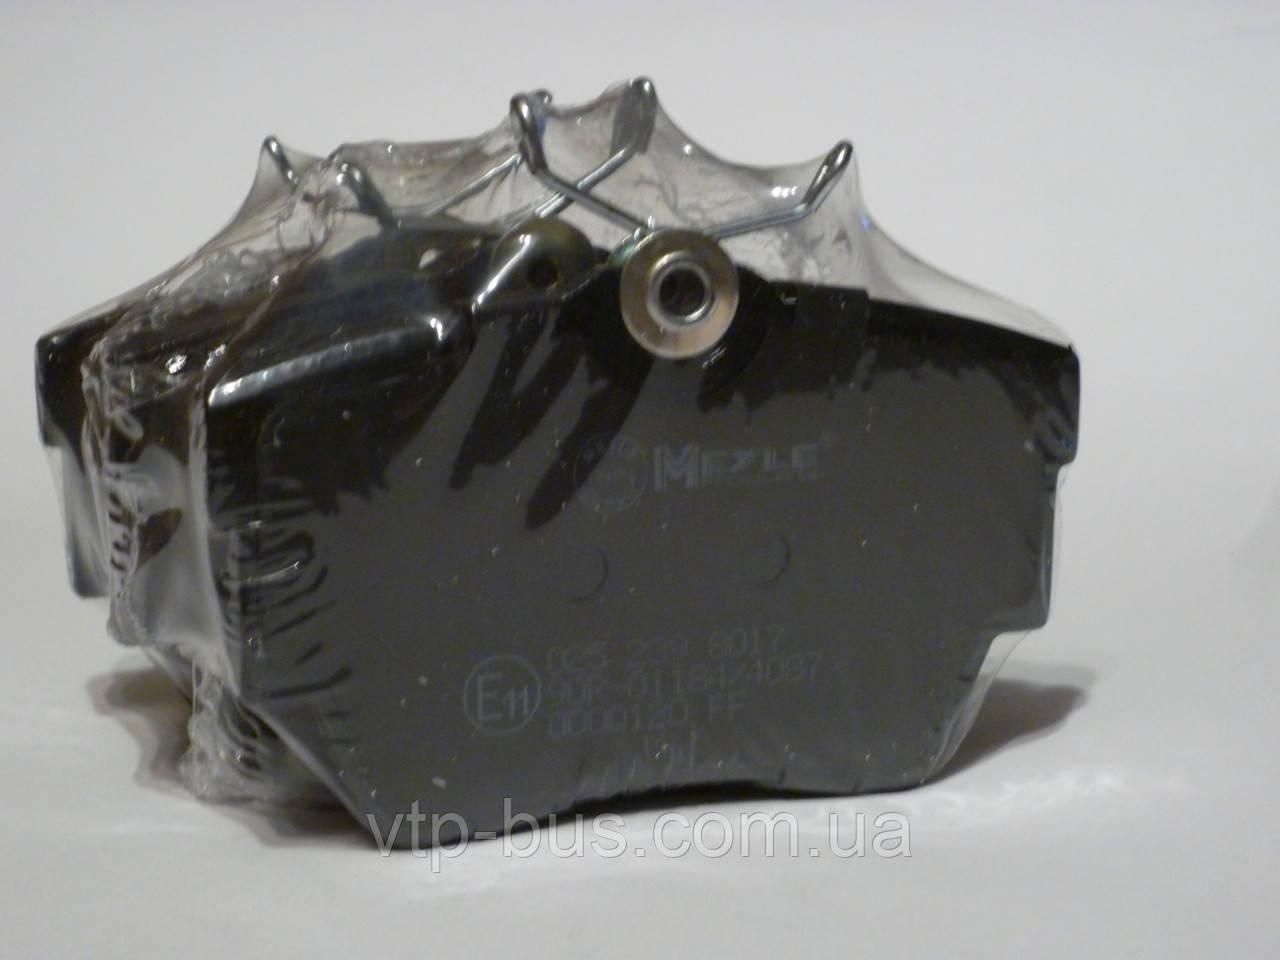 Тормозные колодки задние на Renault Trafic / Opel Vivaro с 2001...  Meyle (Германия) - MY0252398017